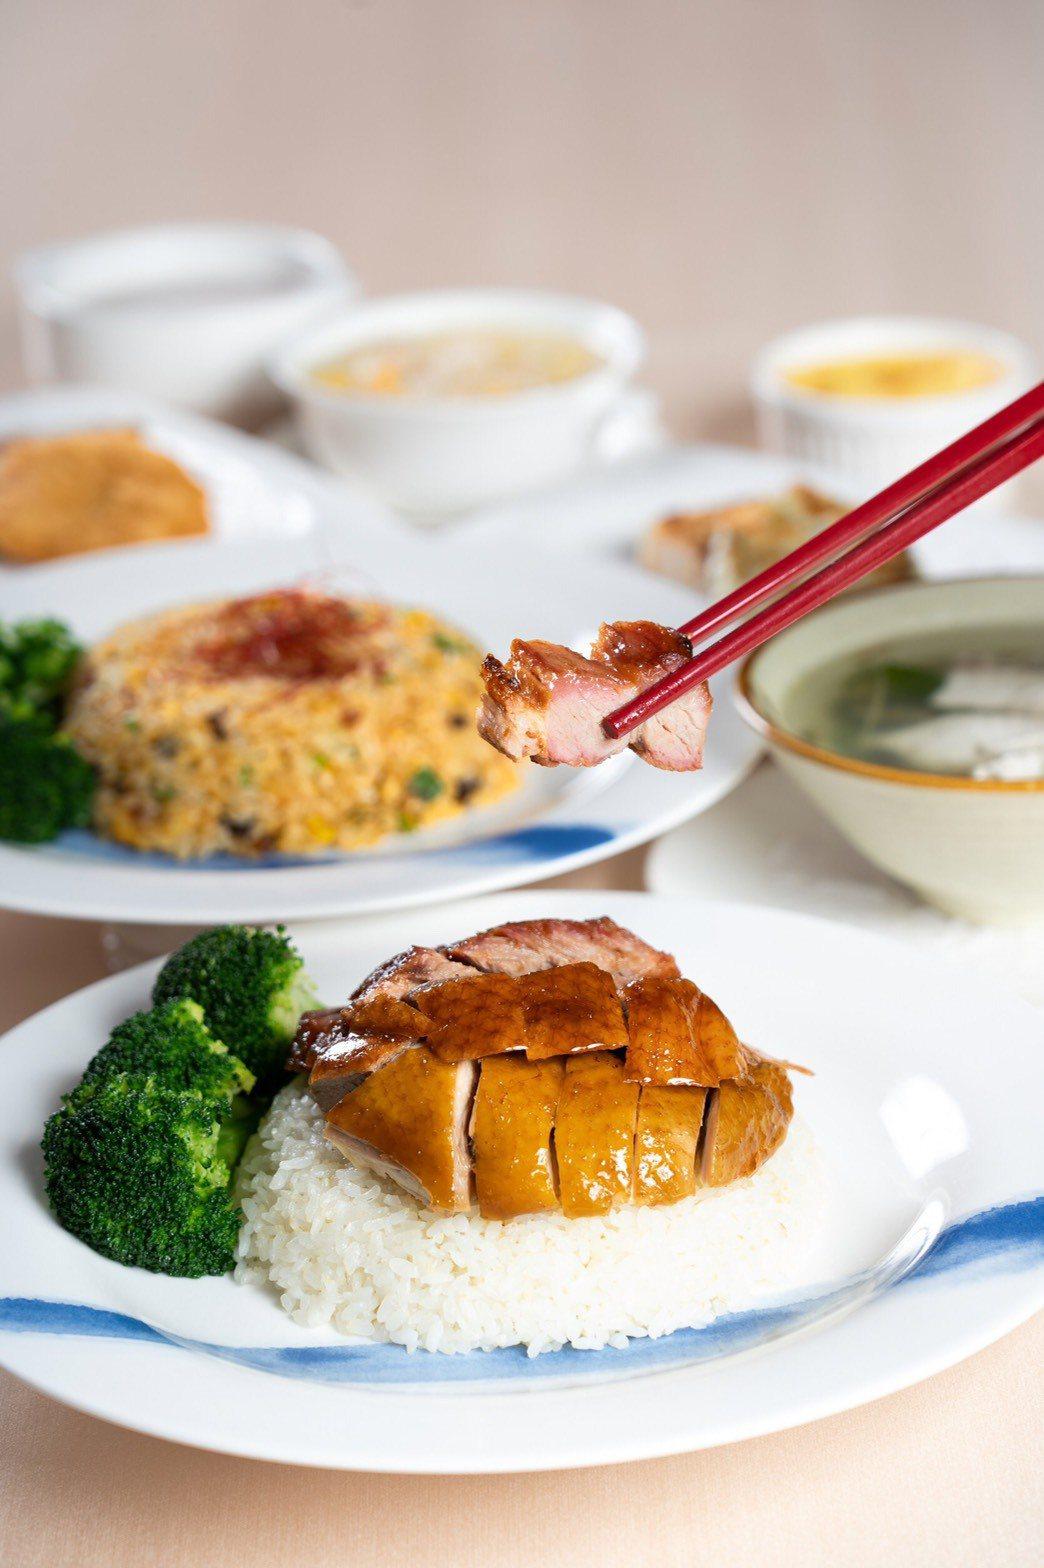 以道地粵菜著稱的皇樓中餐廳,推出商業午餐套餐搶攻午間用餐市場,經濟實惠。圖/義大...